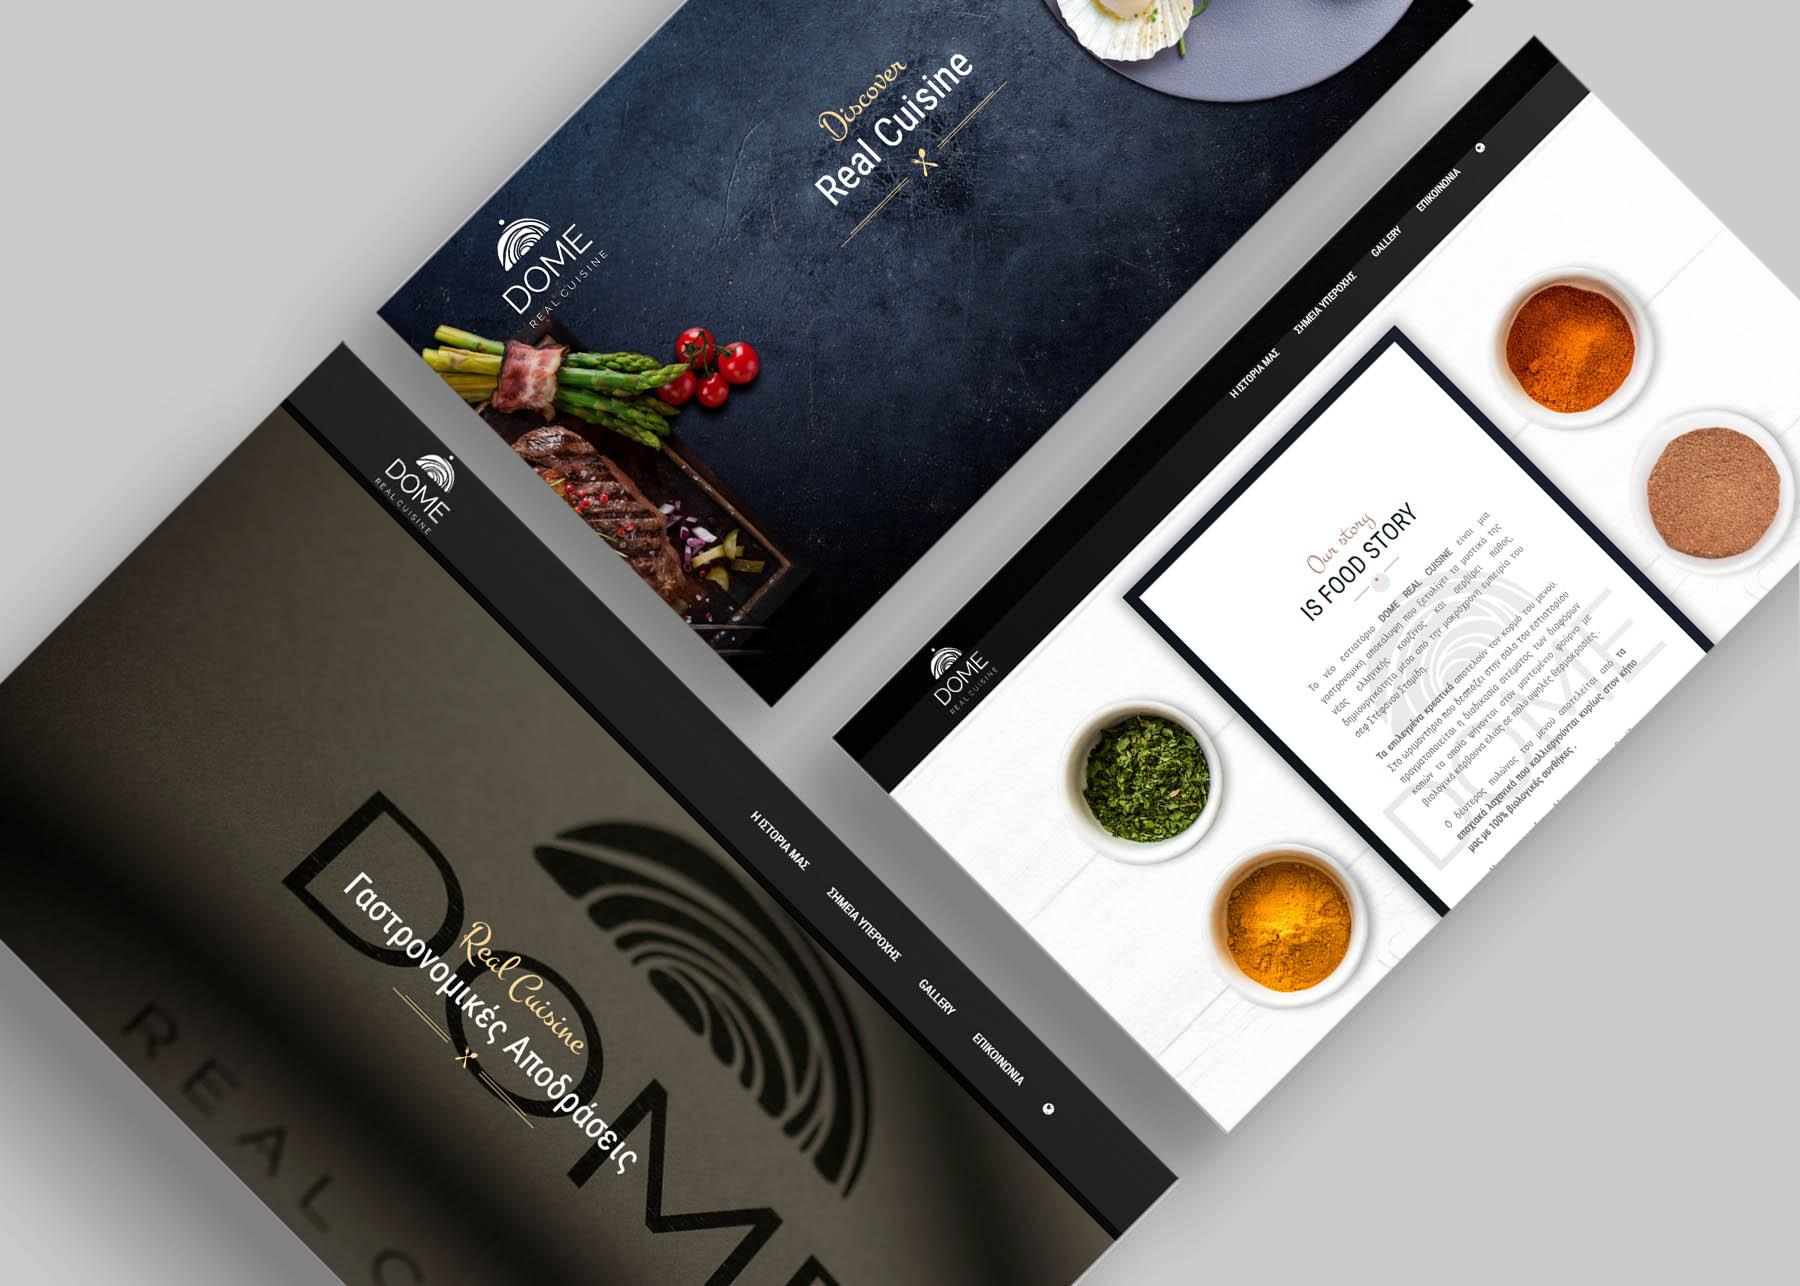 Κατασκευή ιστοσελίδας Dome restaurant